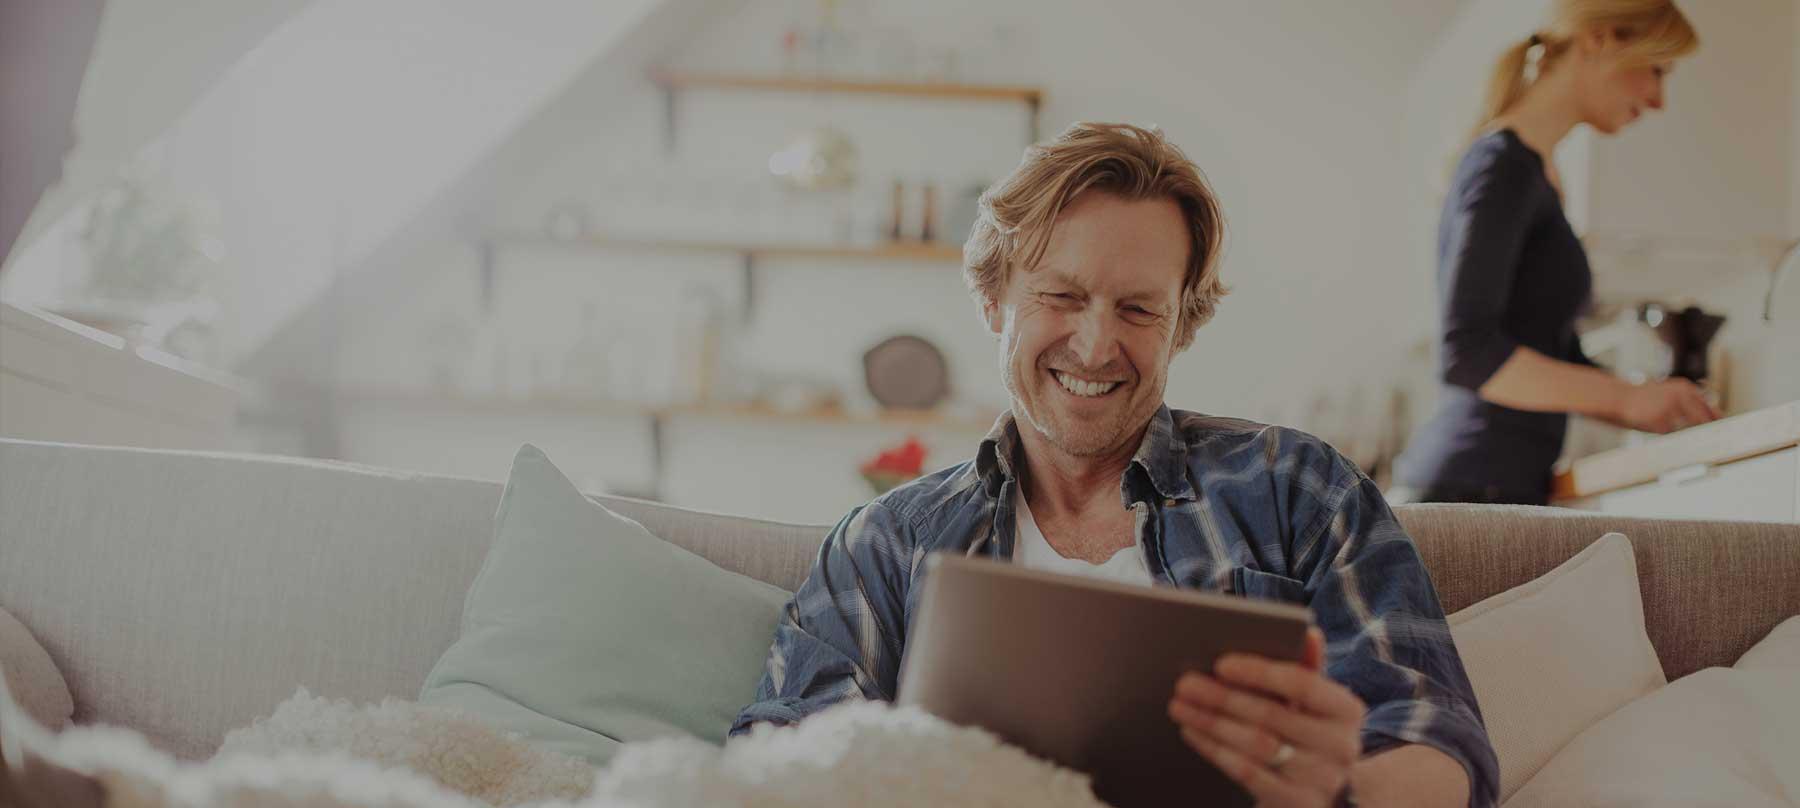 Smiling man using tablet